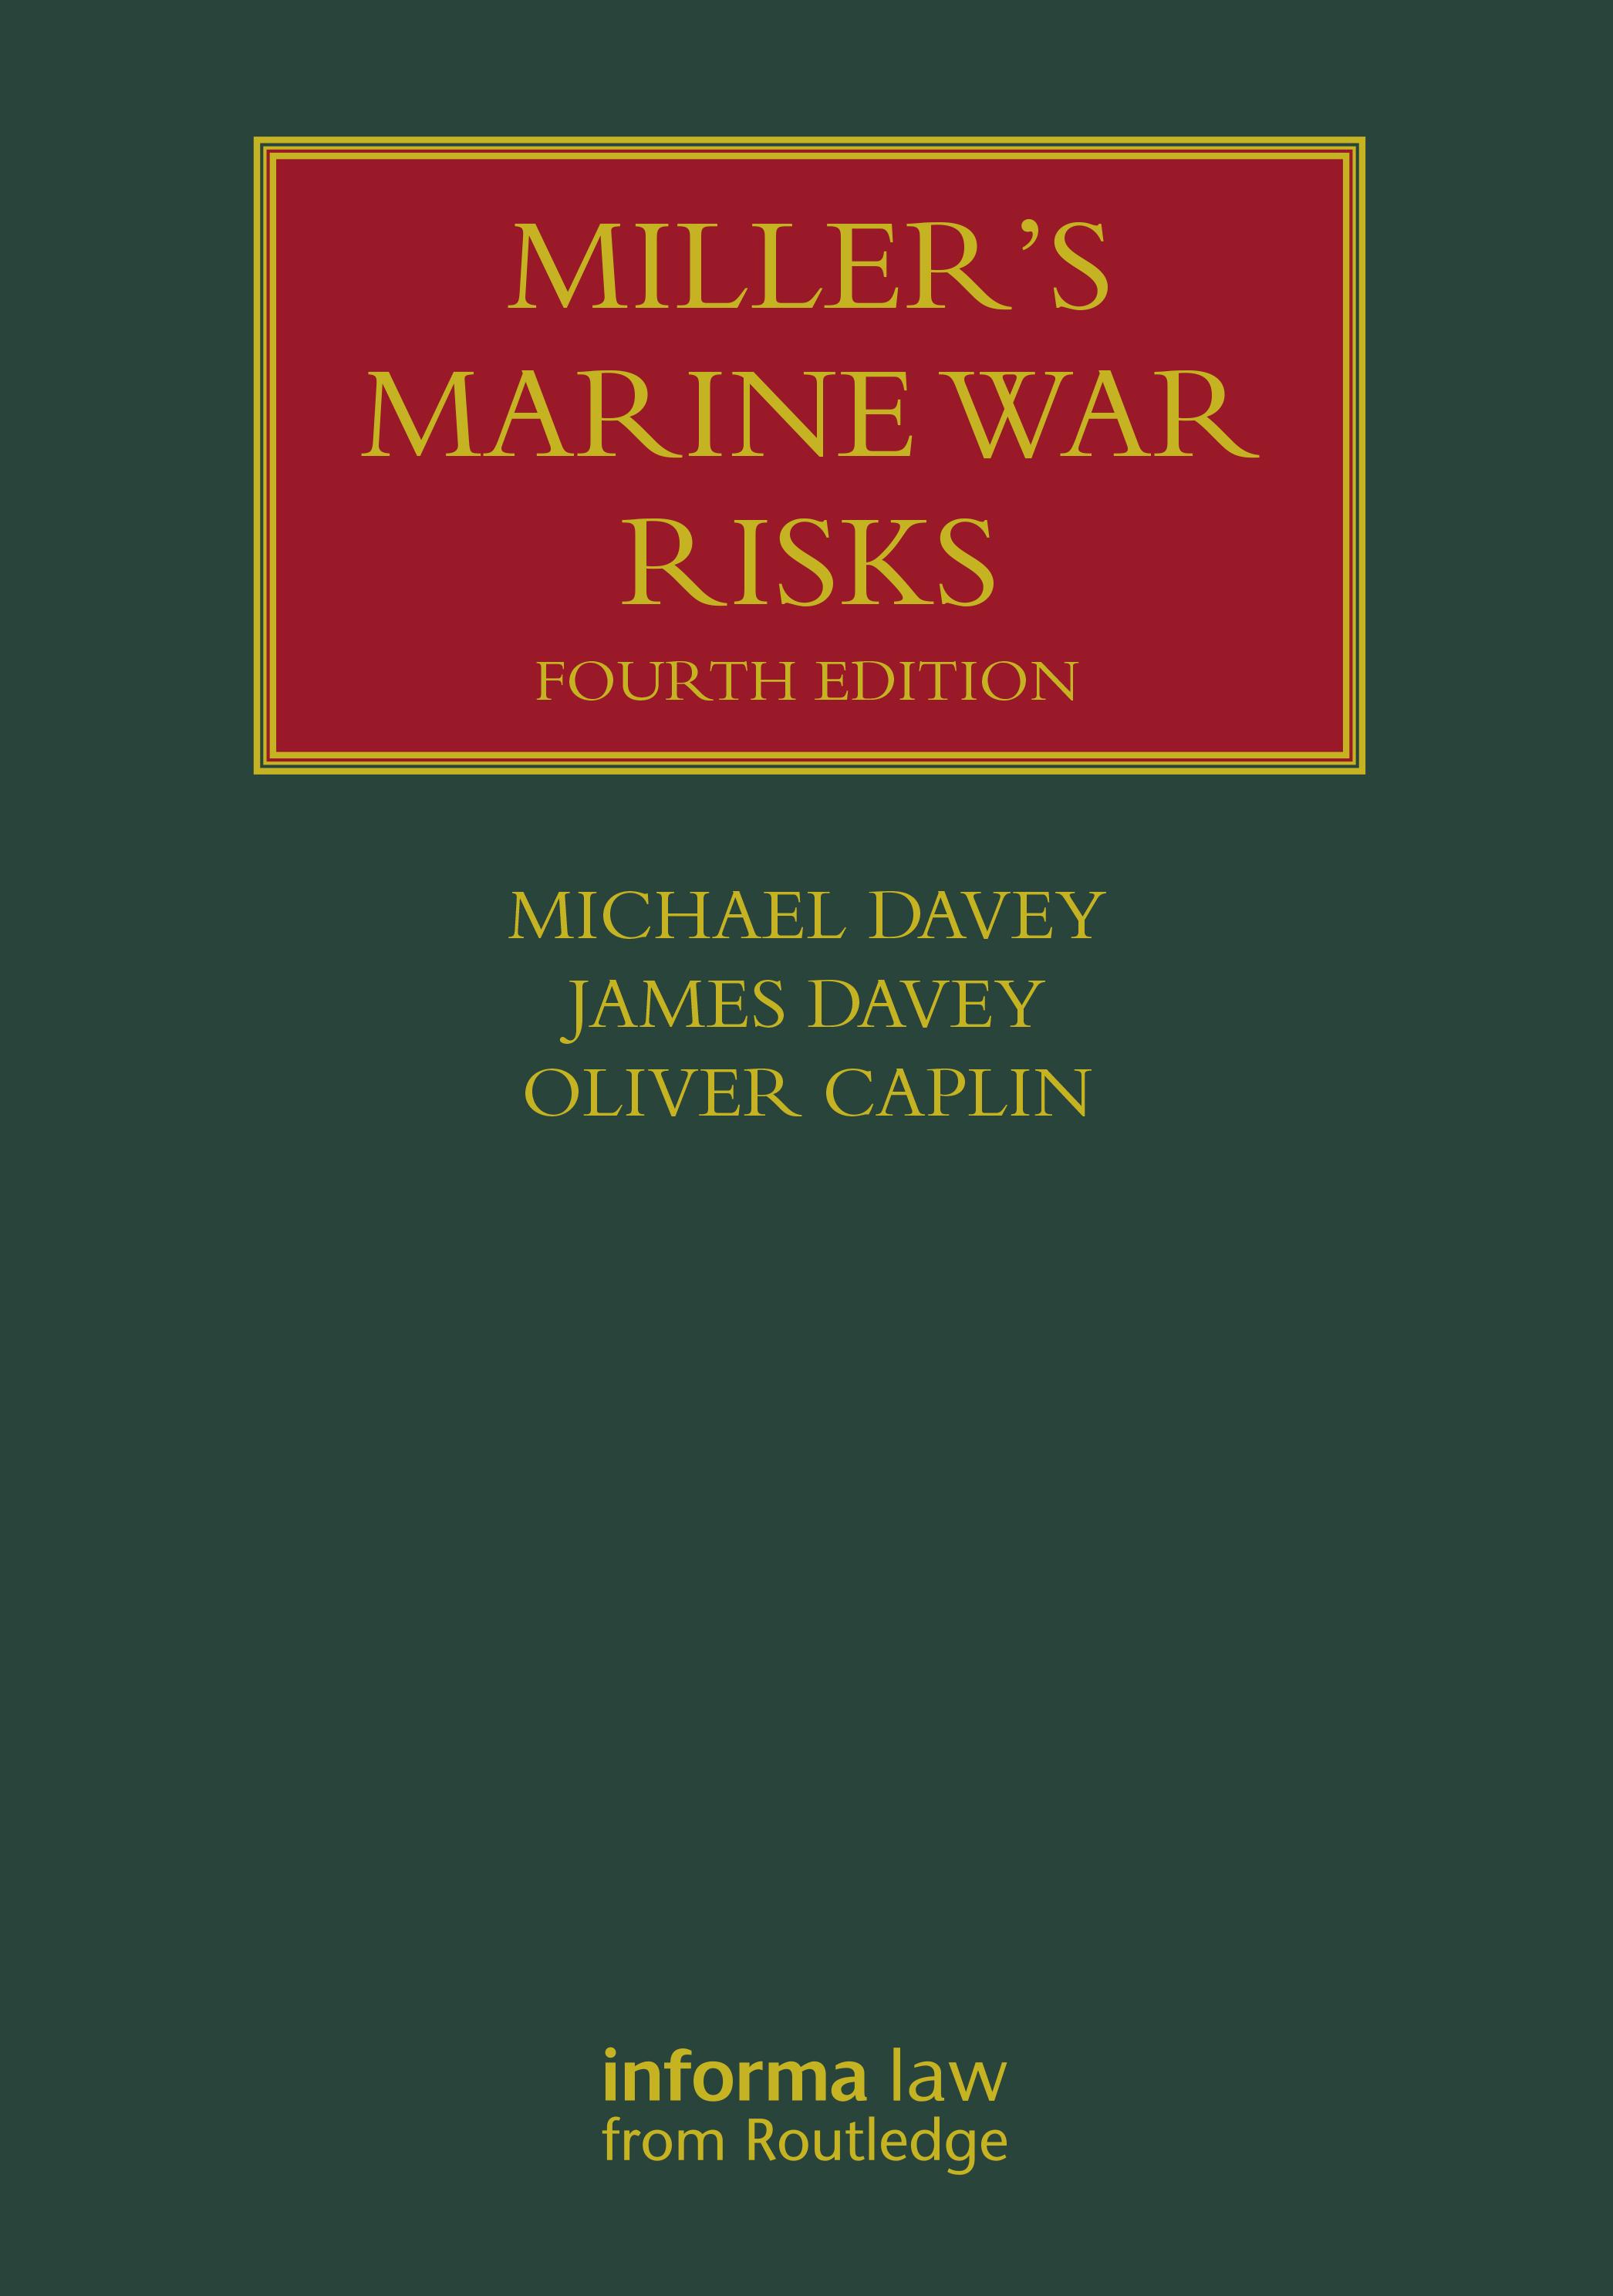 Miller's Marine War Risks Fourth Edition